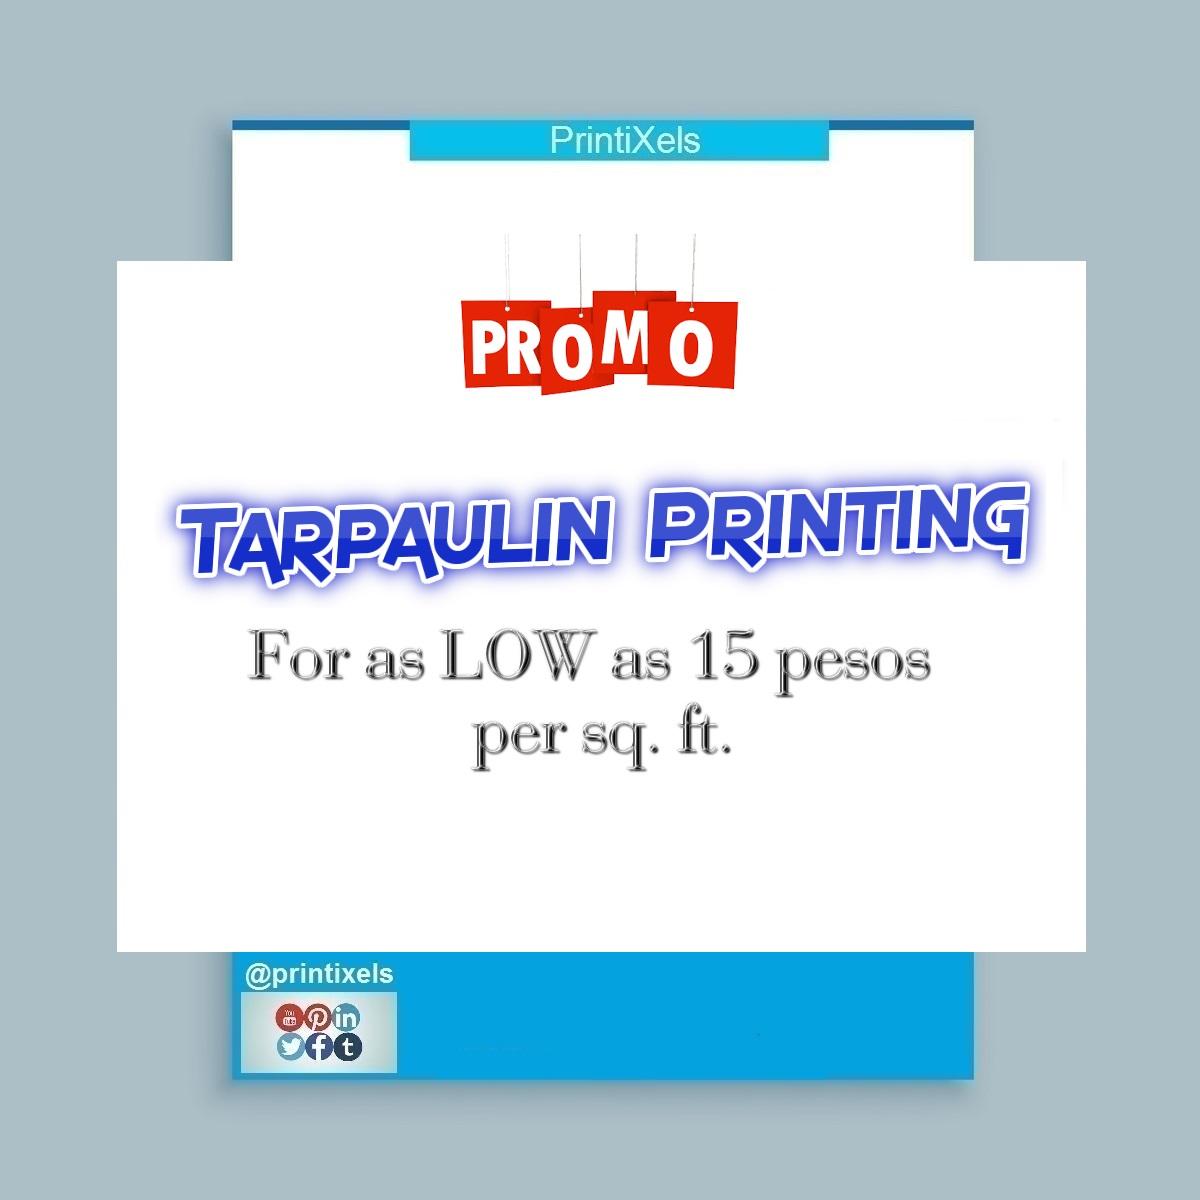 PROMO: Tarpaulin Printing for as LOW as 15 pesos per sq. ft.